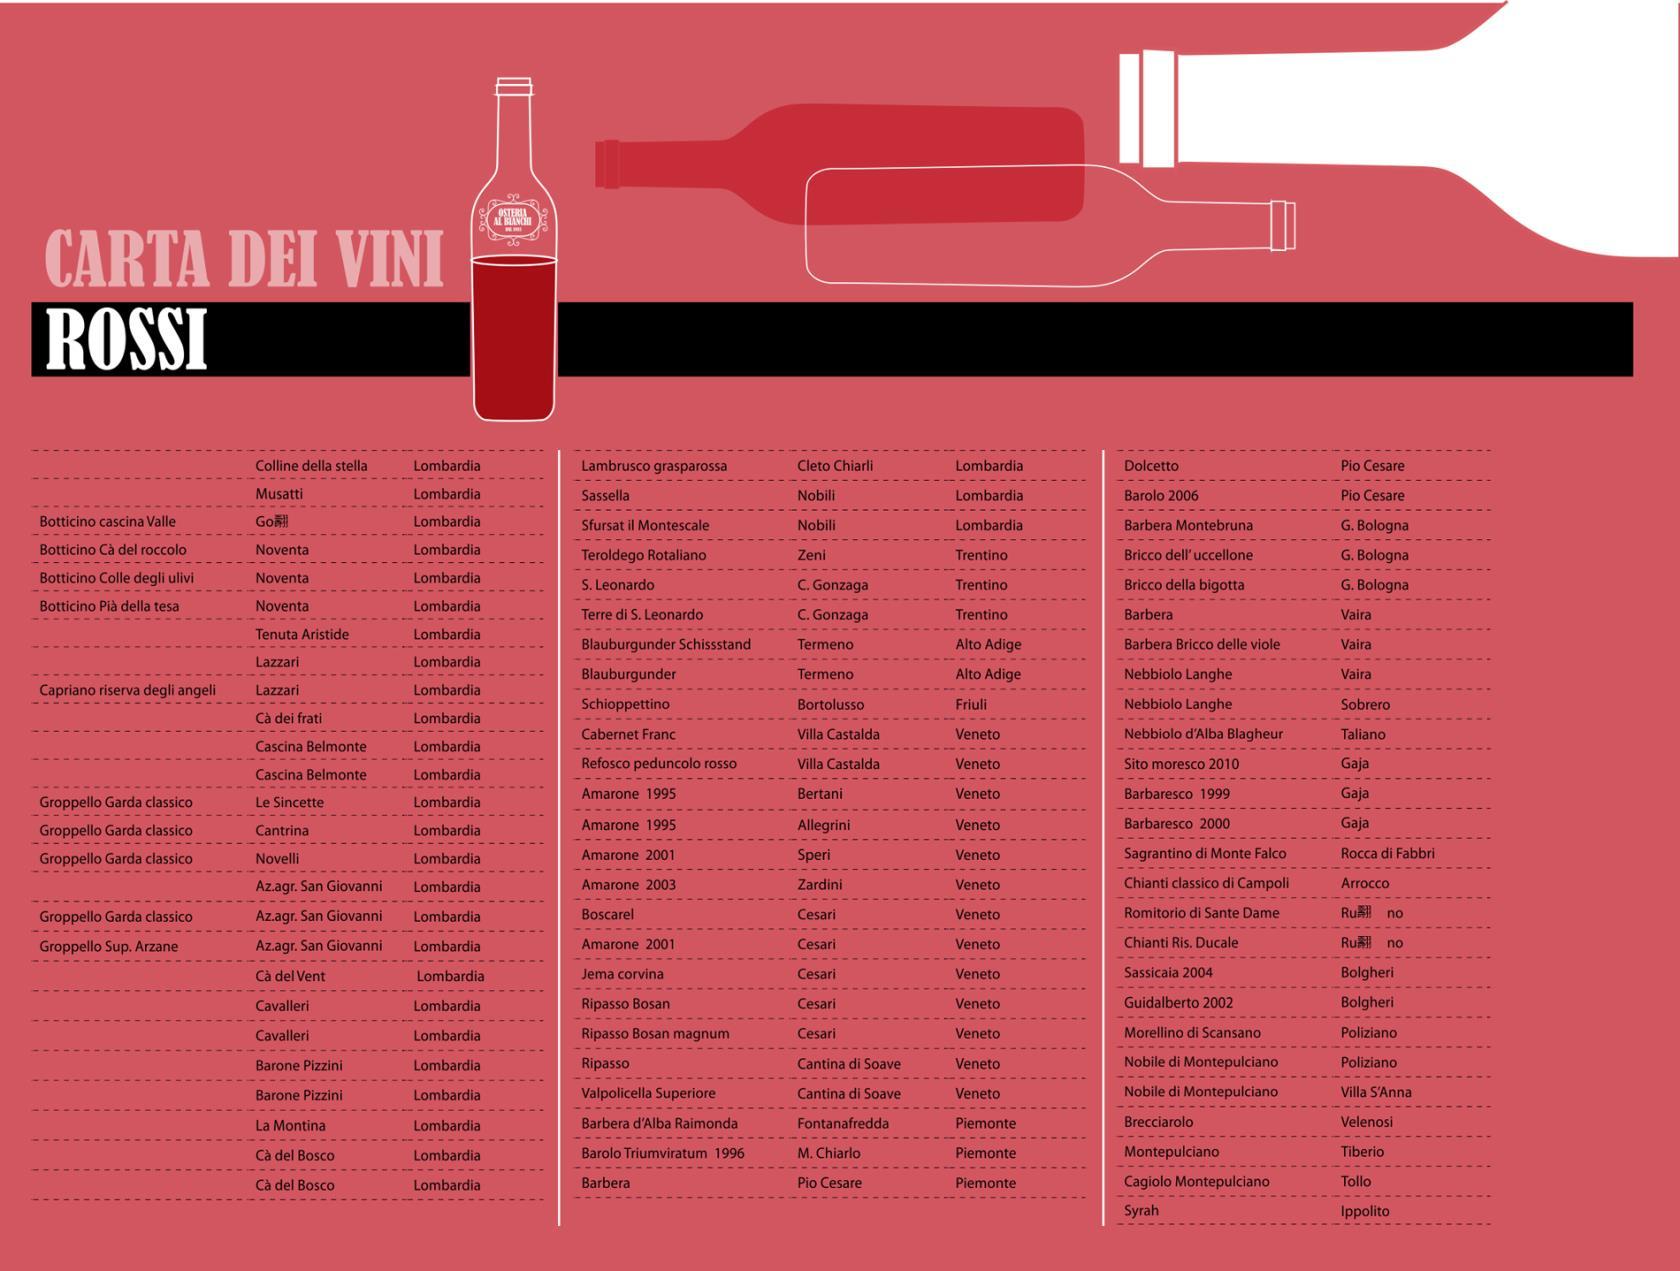 carta dei vini rossi - osteria al bianchi - brescia centro - piatti tipici bresciani - cucina tradizionale - vini lombardi